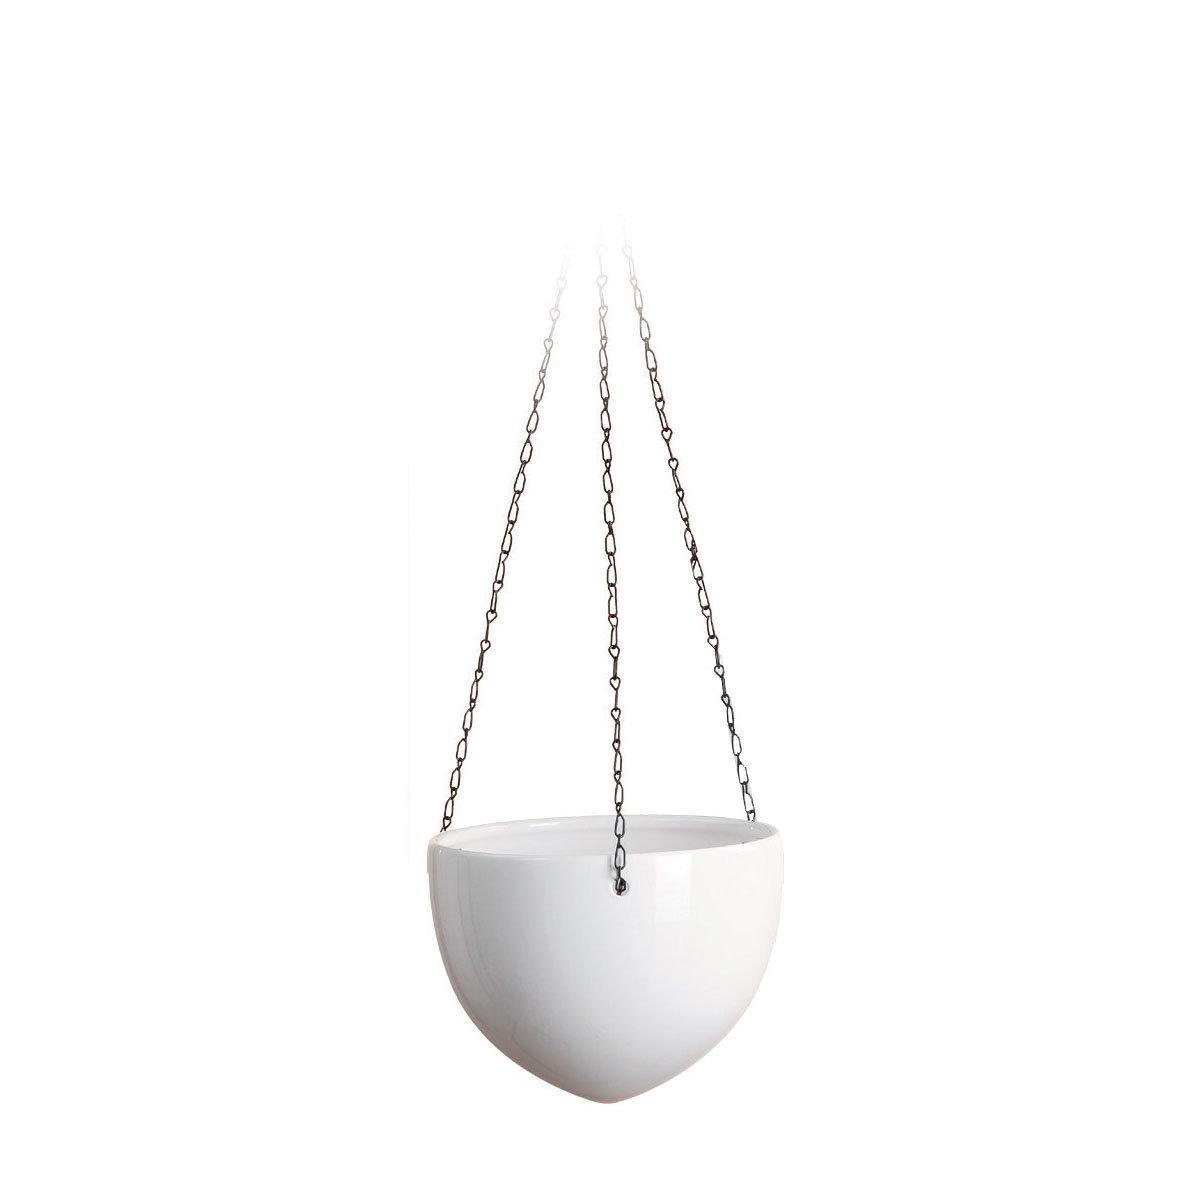 Hängeampel Alaska, 18 cm, Weiß